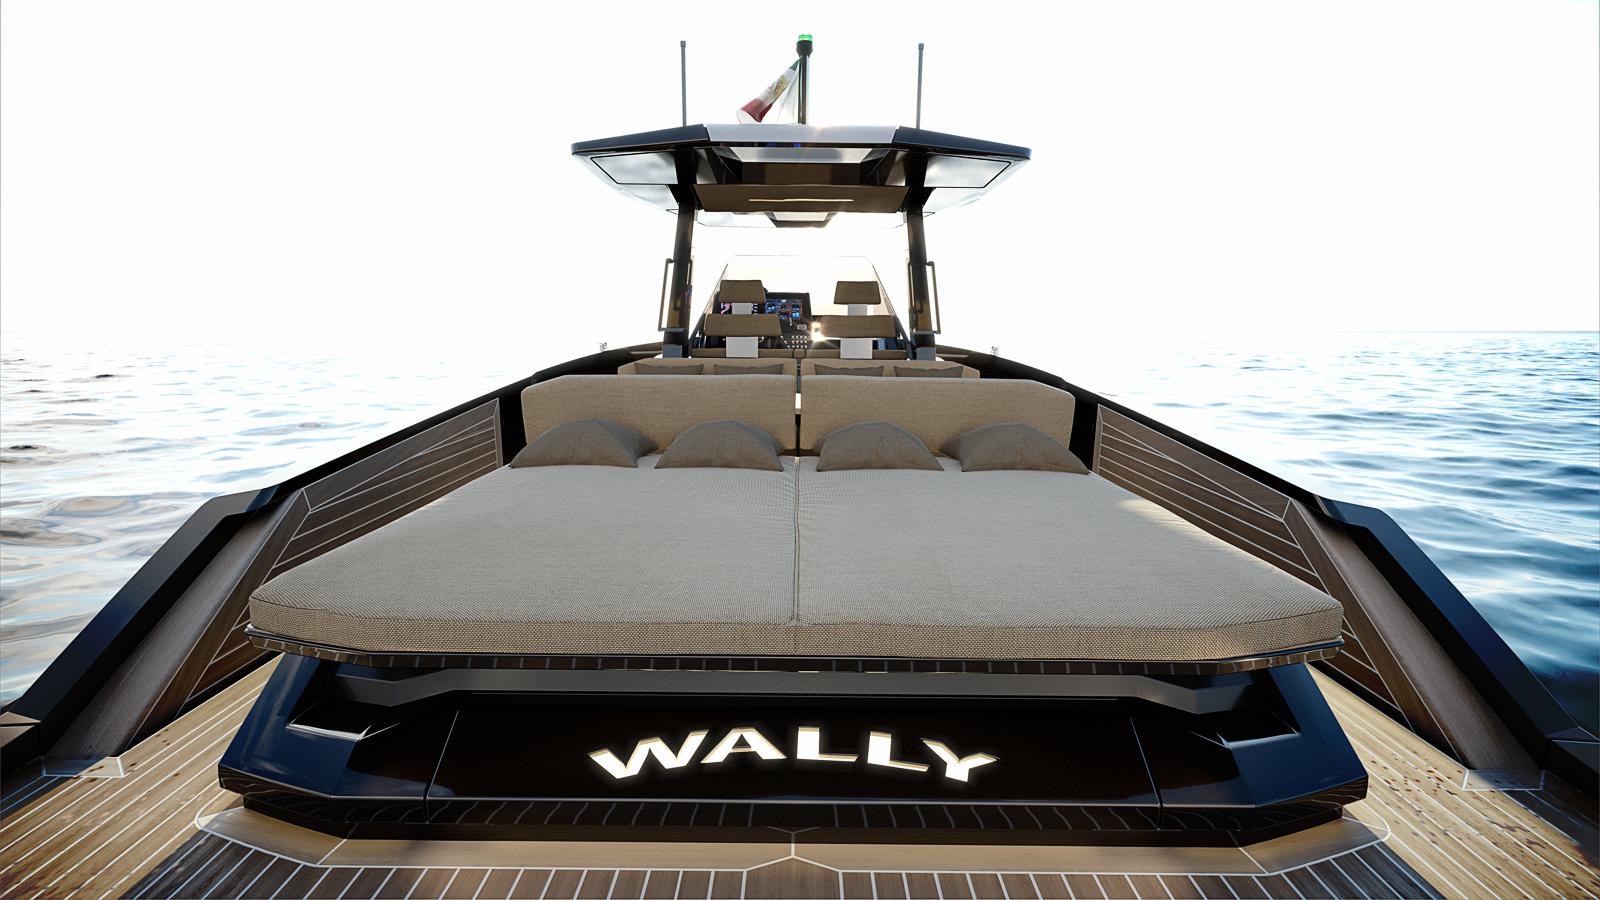 Ferretti WallyTender 48 back